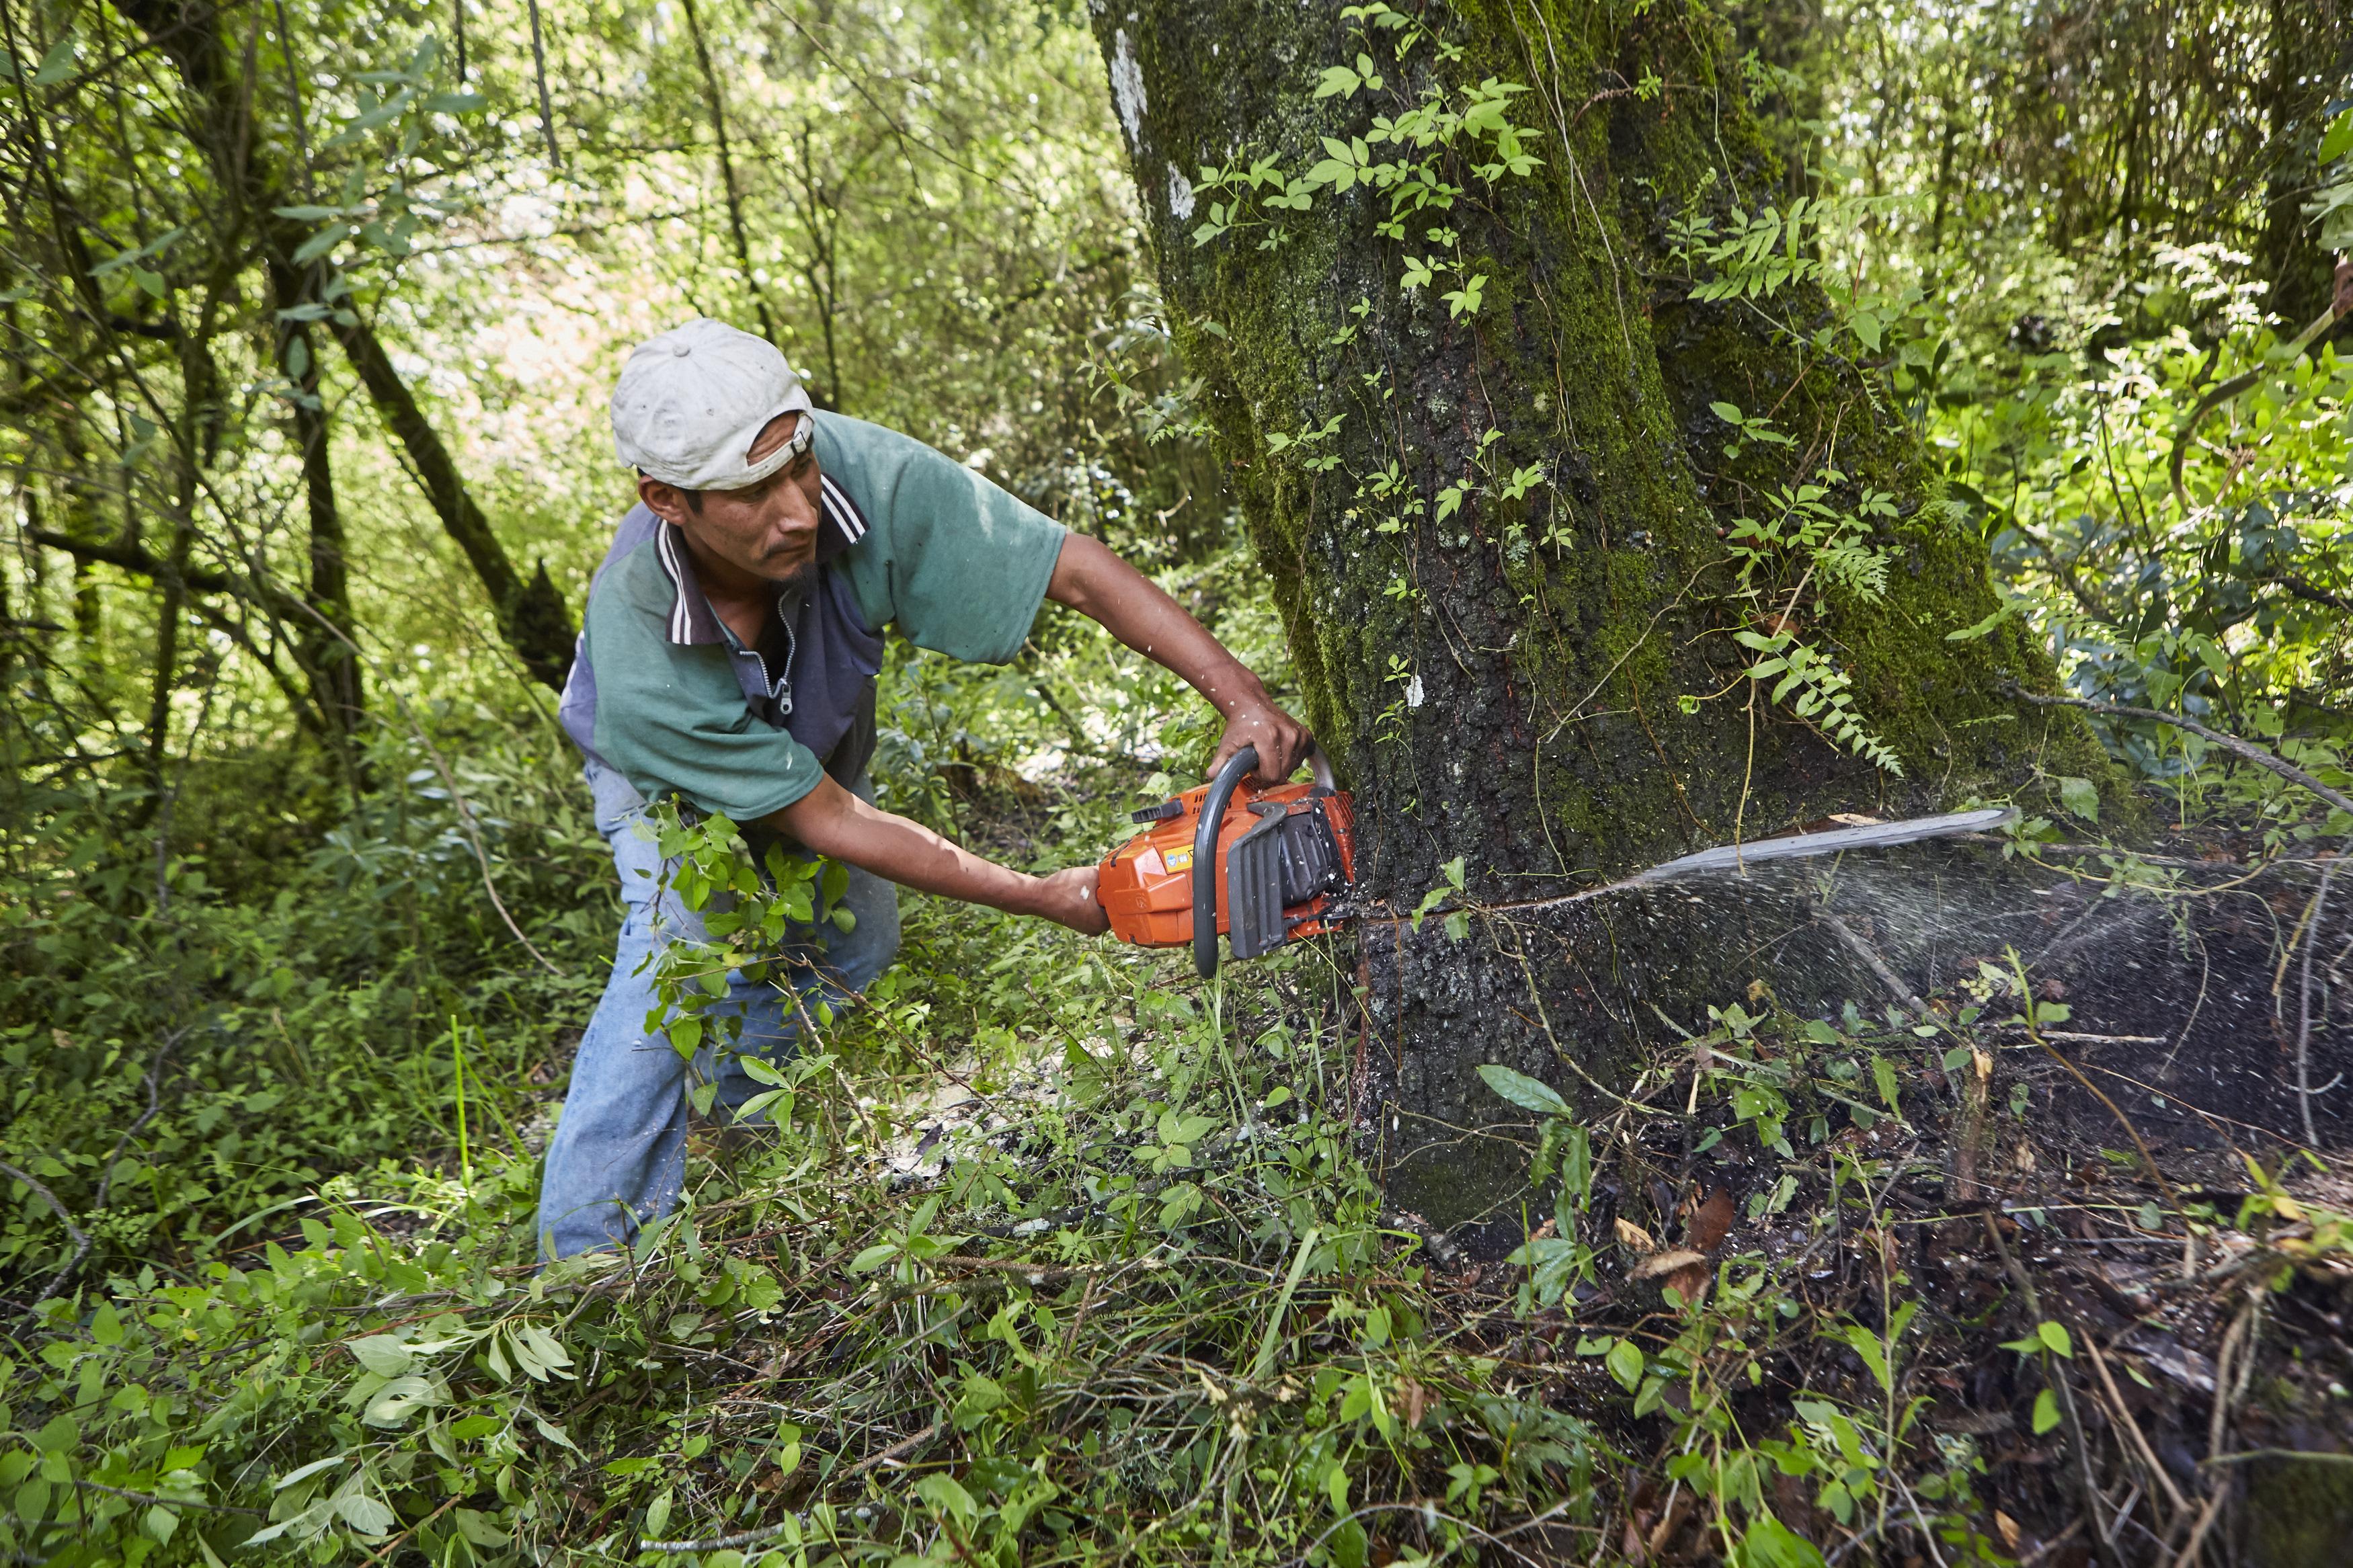 El aprovechamiento forestal maderable es una actividad productiva que permite a las comunidades forestales obtener ingresos para mejorar su bienestar (Amanalco, Estado de México). Foto de: Prometeo Lucero